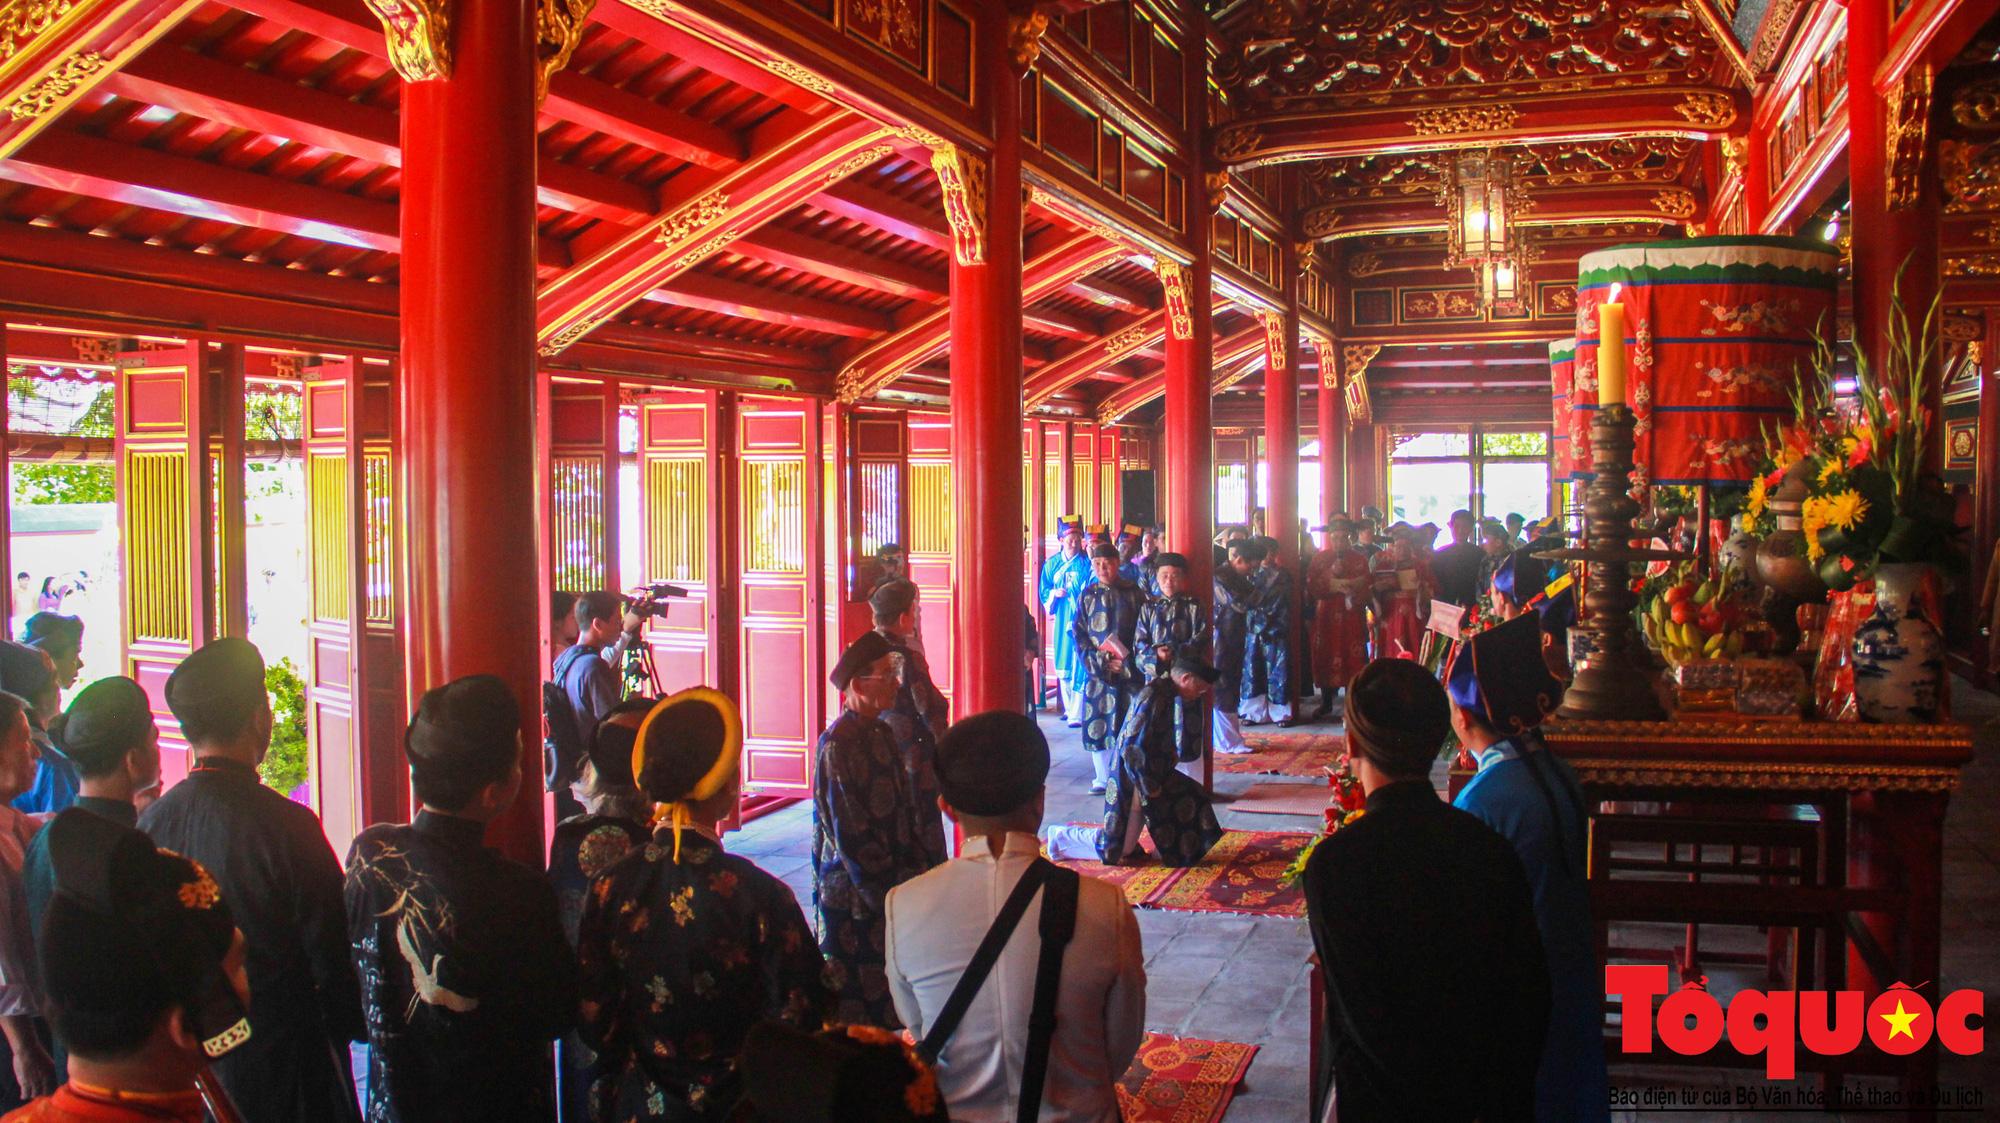 Hàng trăm tà áo dài diễu hành trên phố tri ân chúa Nguyễn Phúc Khoát - Ảnh 10.